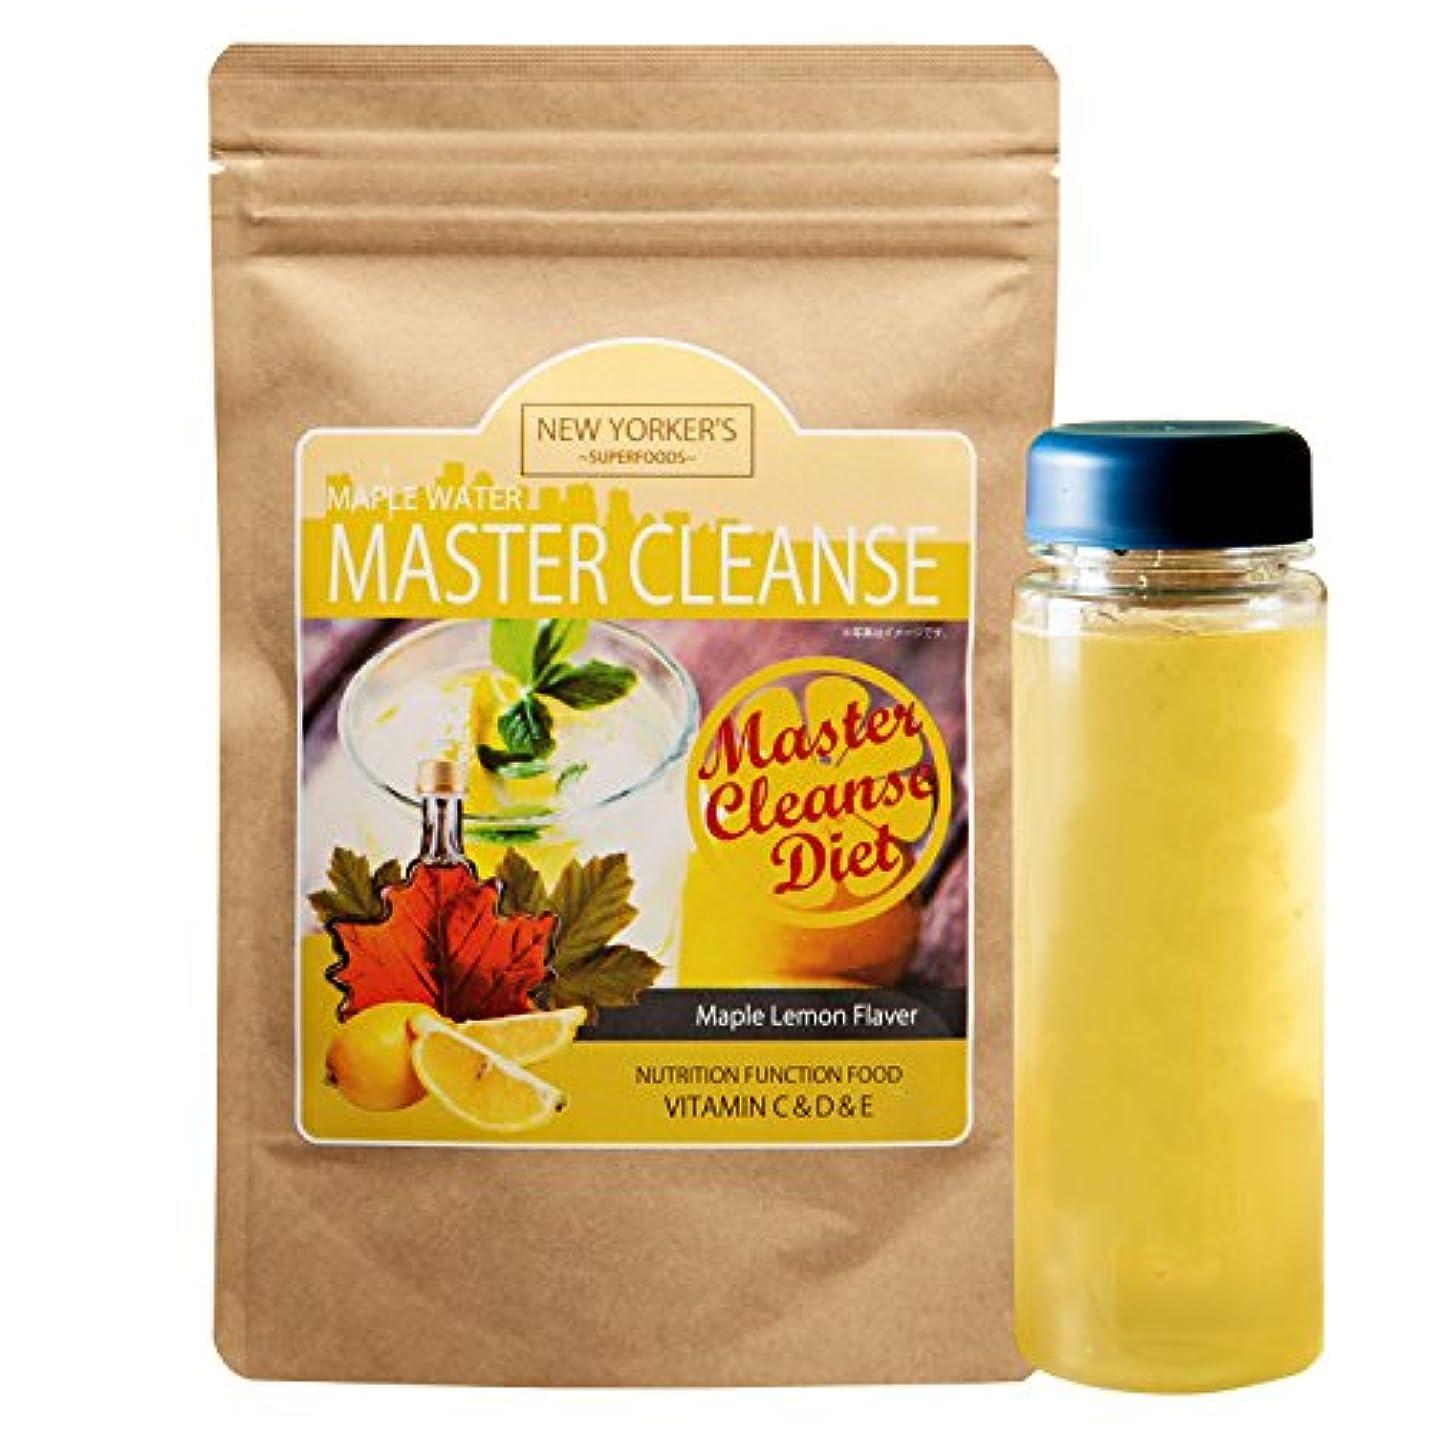 そしてブランド名代数的IDEA マスタークレンズダイエット メープルレモン味 ファスティングダイエット 5g×9包